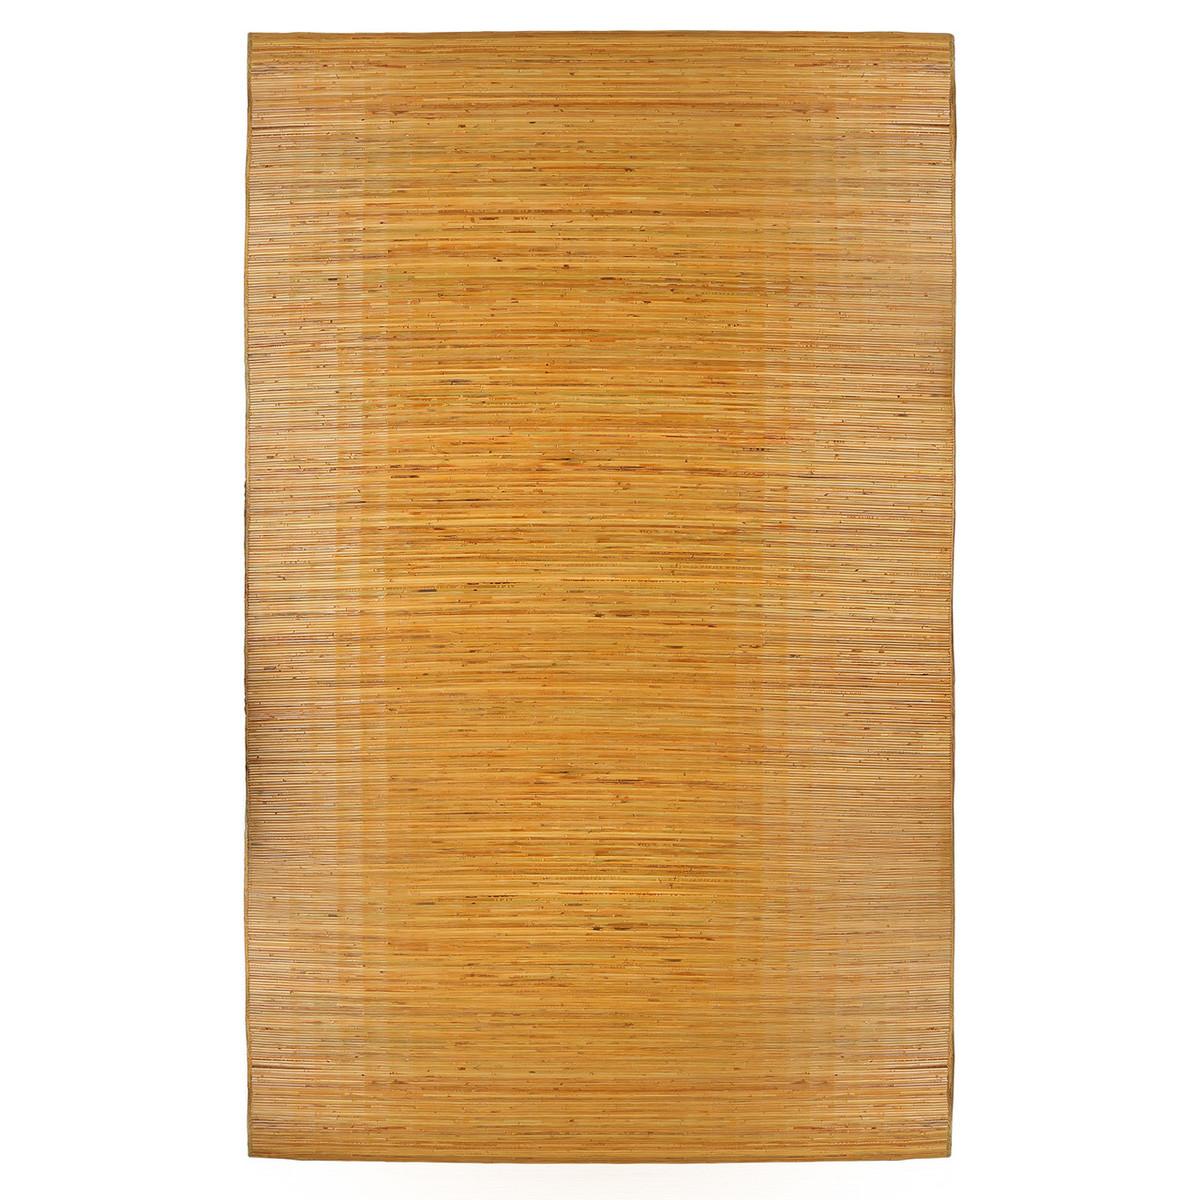 Bali Natural Bamboo Area Rug, ...